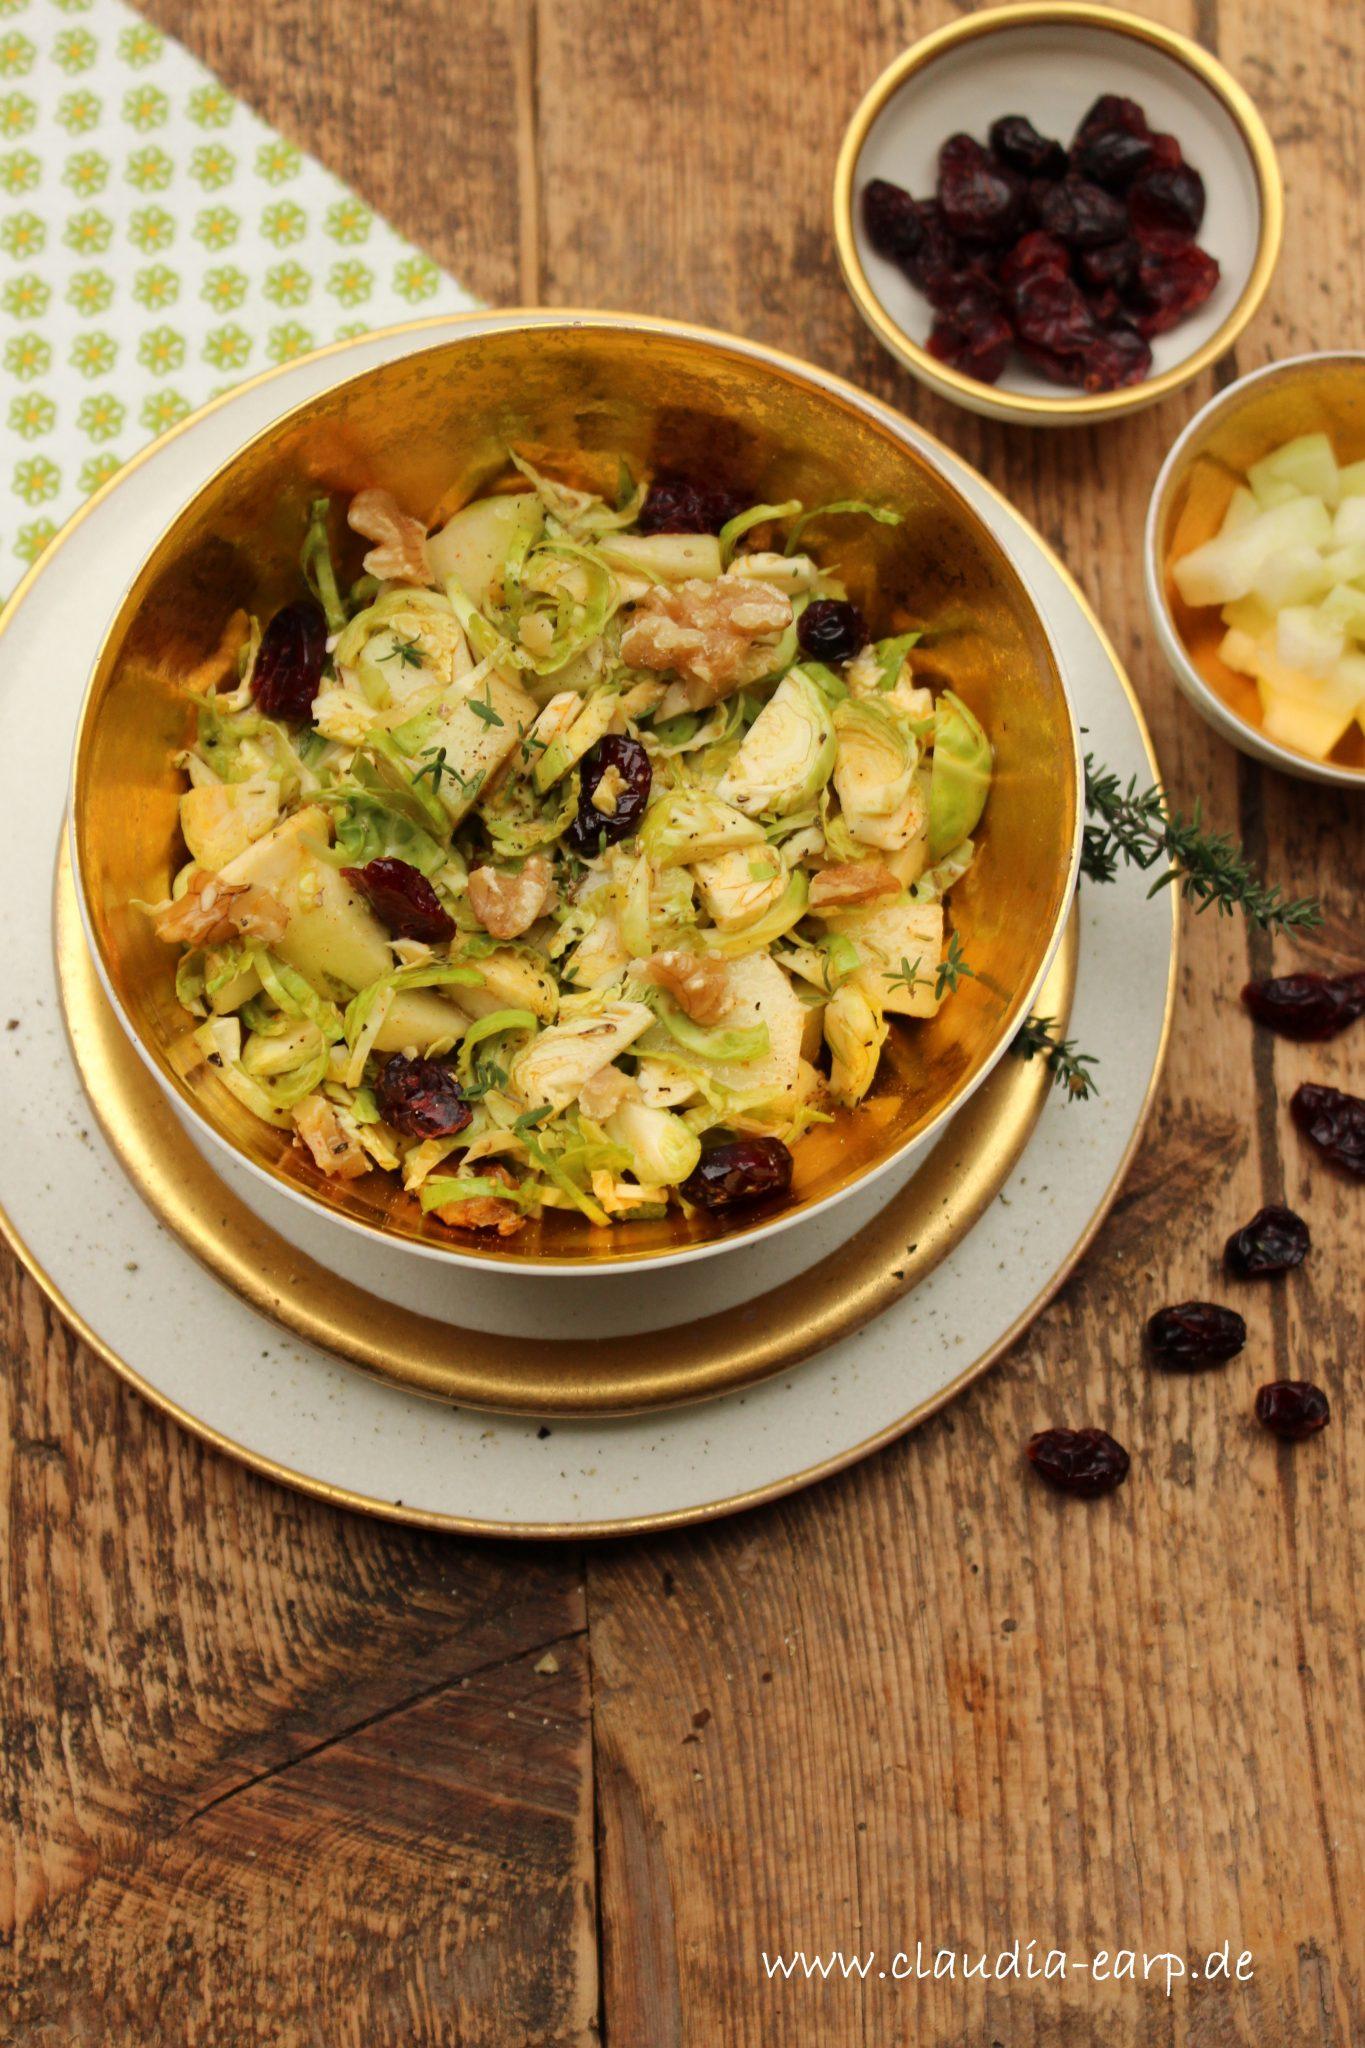 Rosenkohl-Salat mit Birne und Cranberries